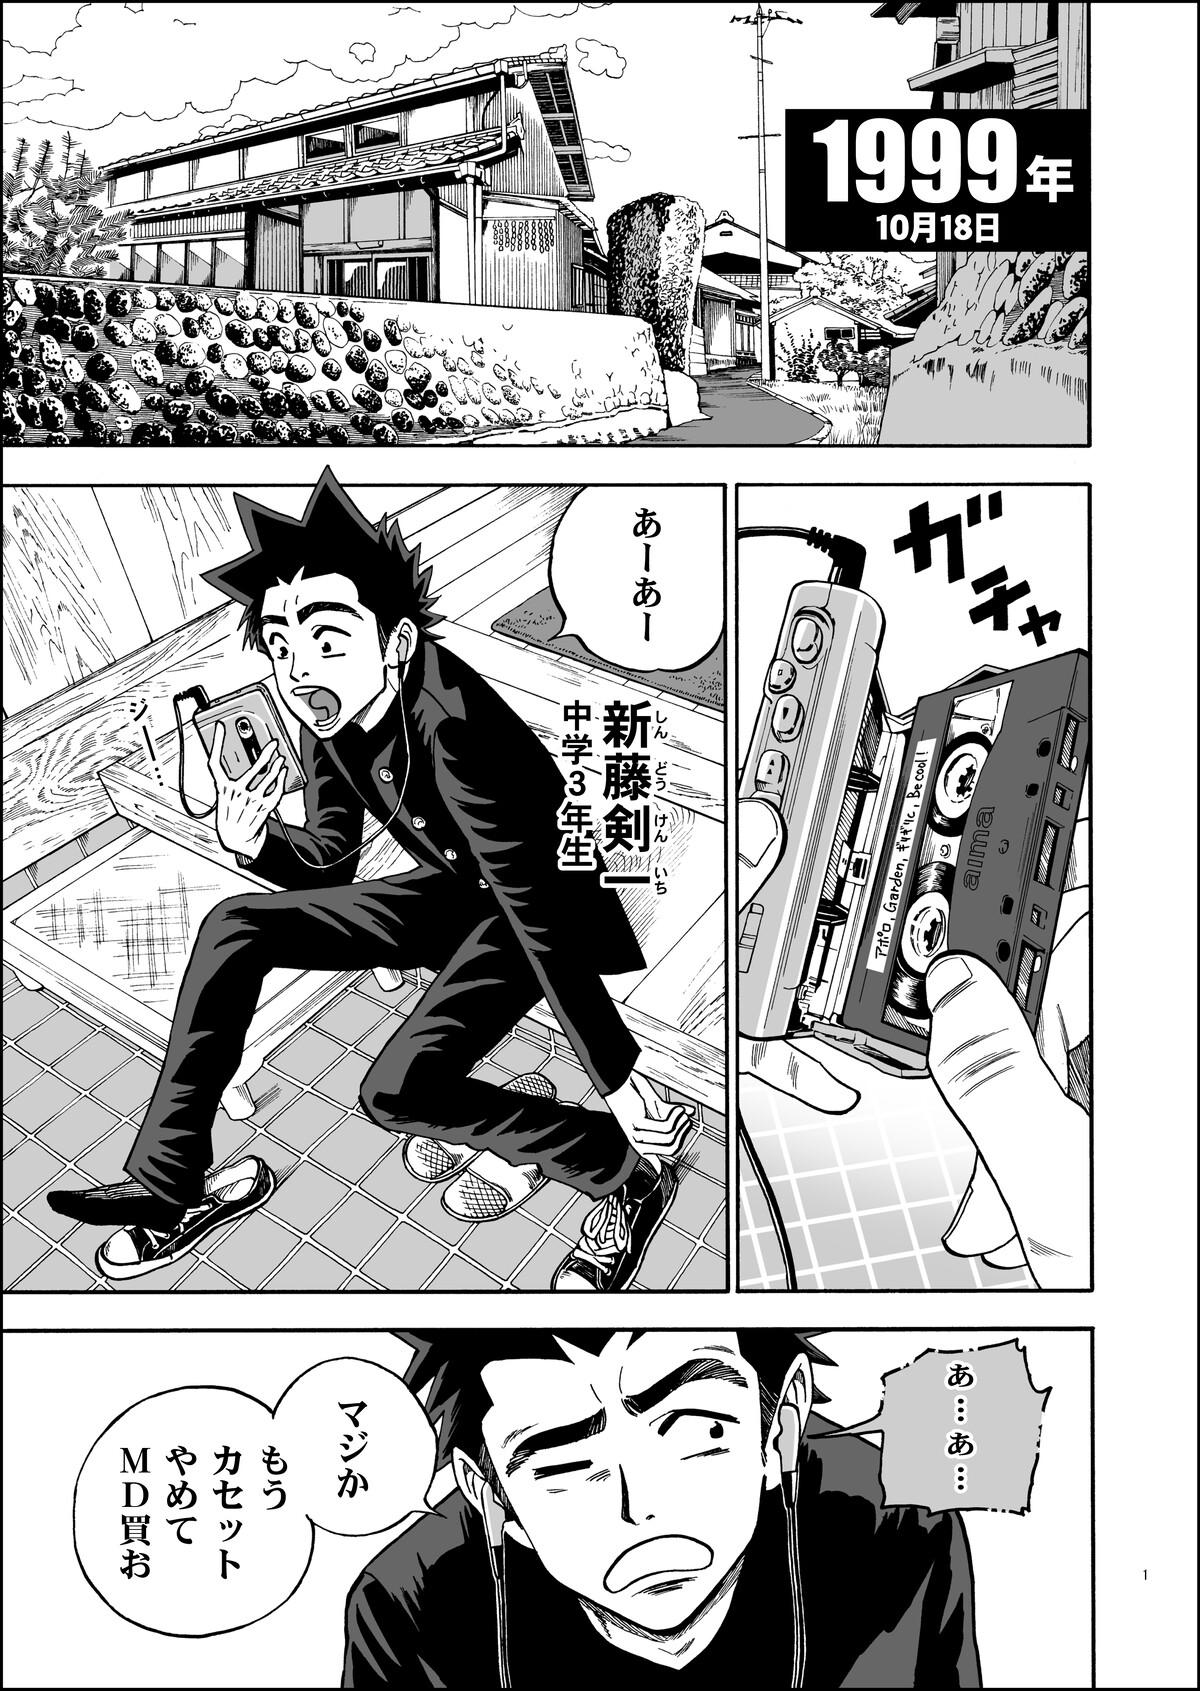 ☆暁の超特急 : SUIKAHARA漫画